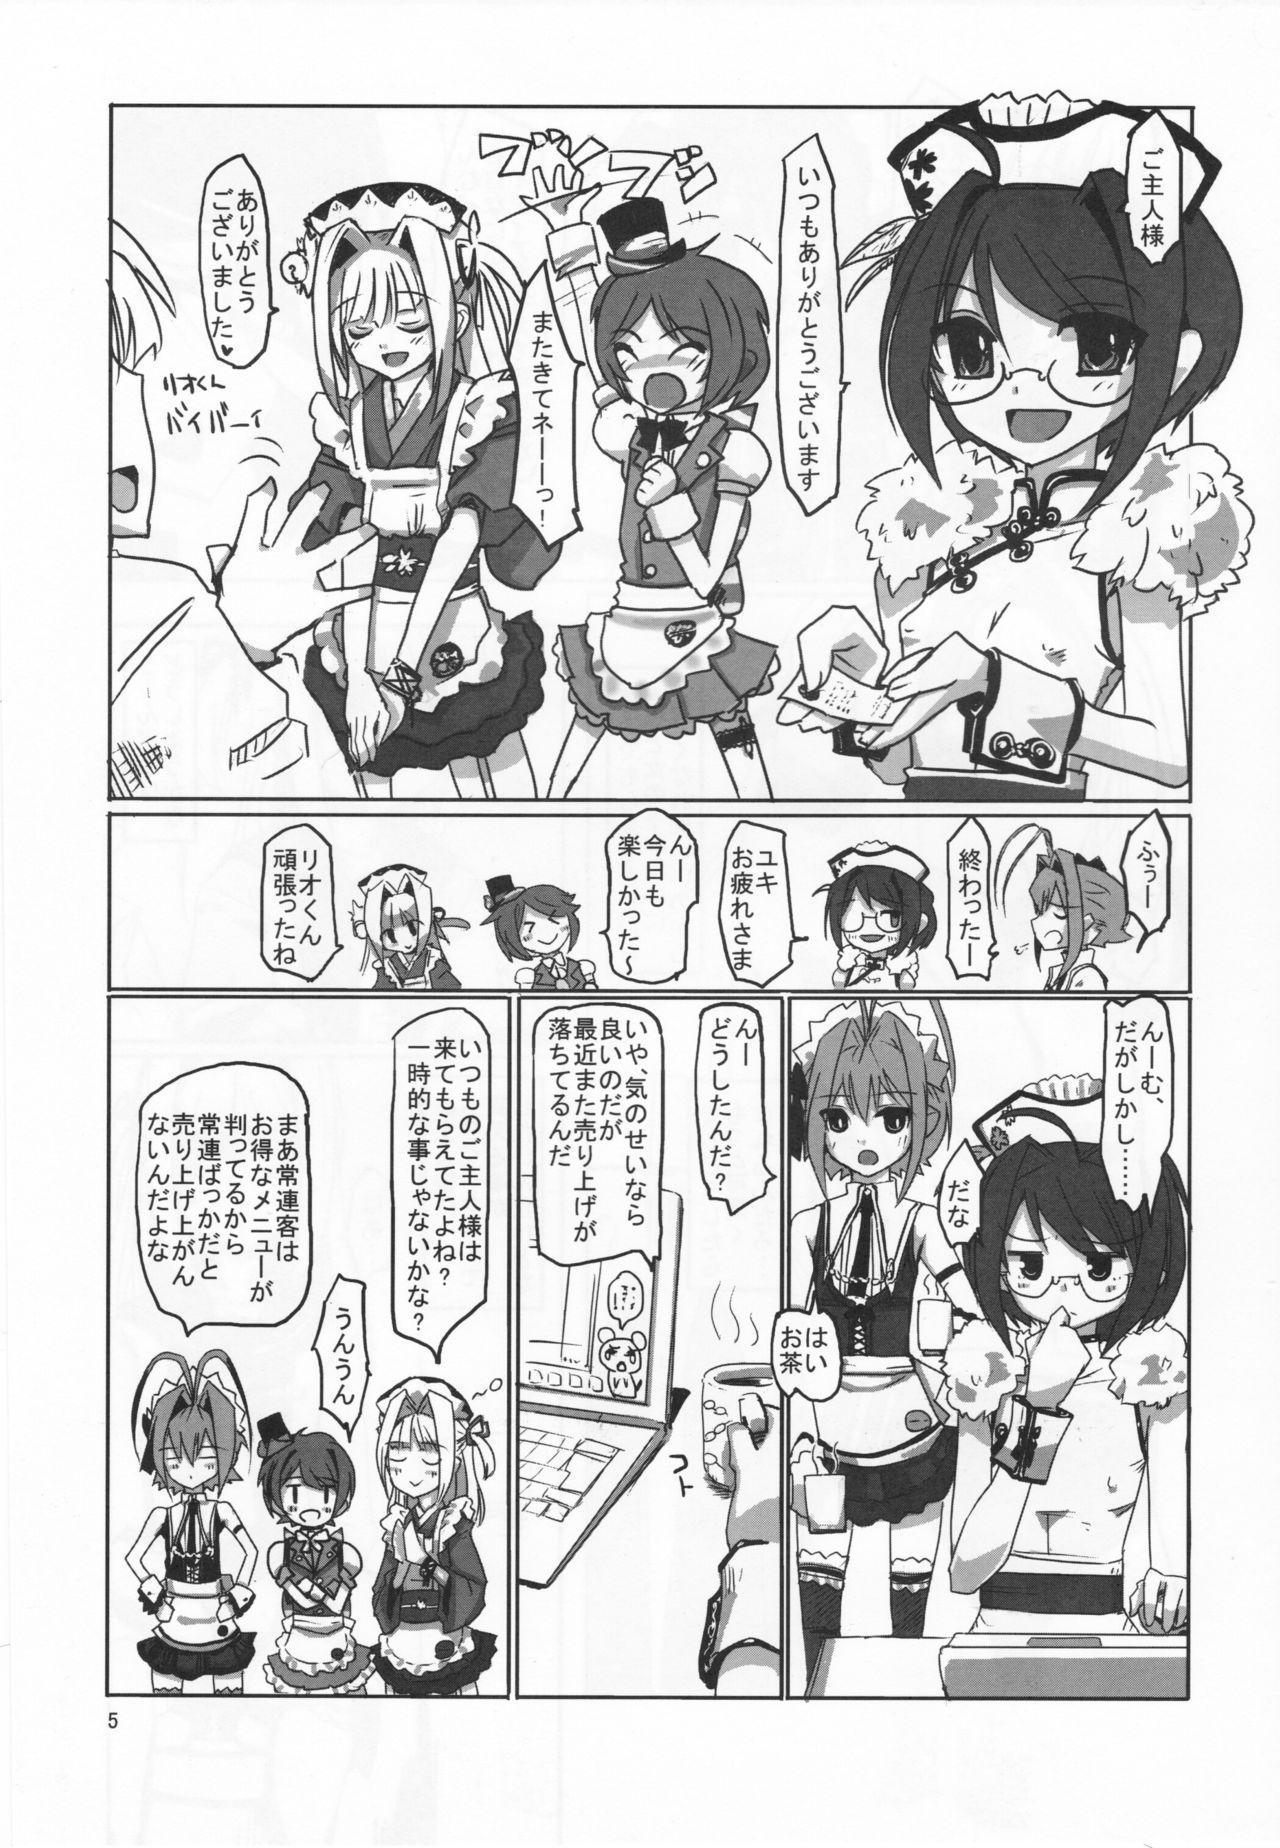 Sakurairo Shounen Sabou 8 3